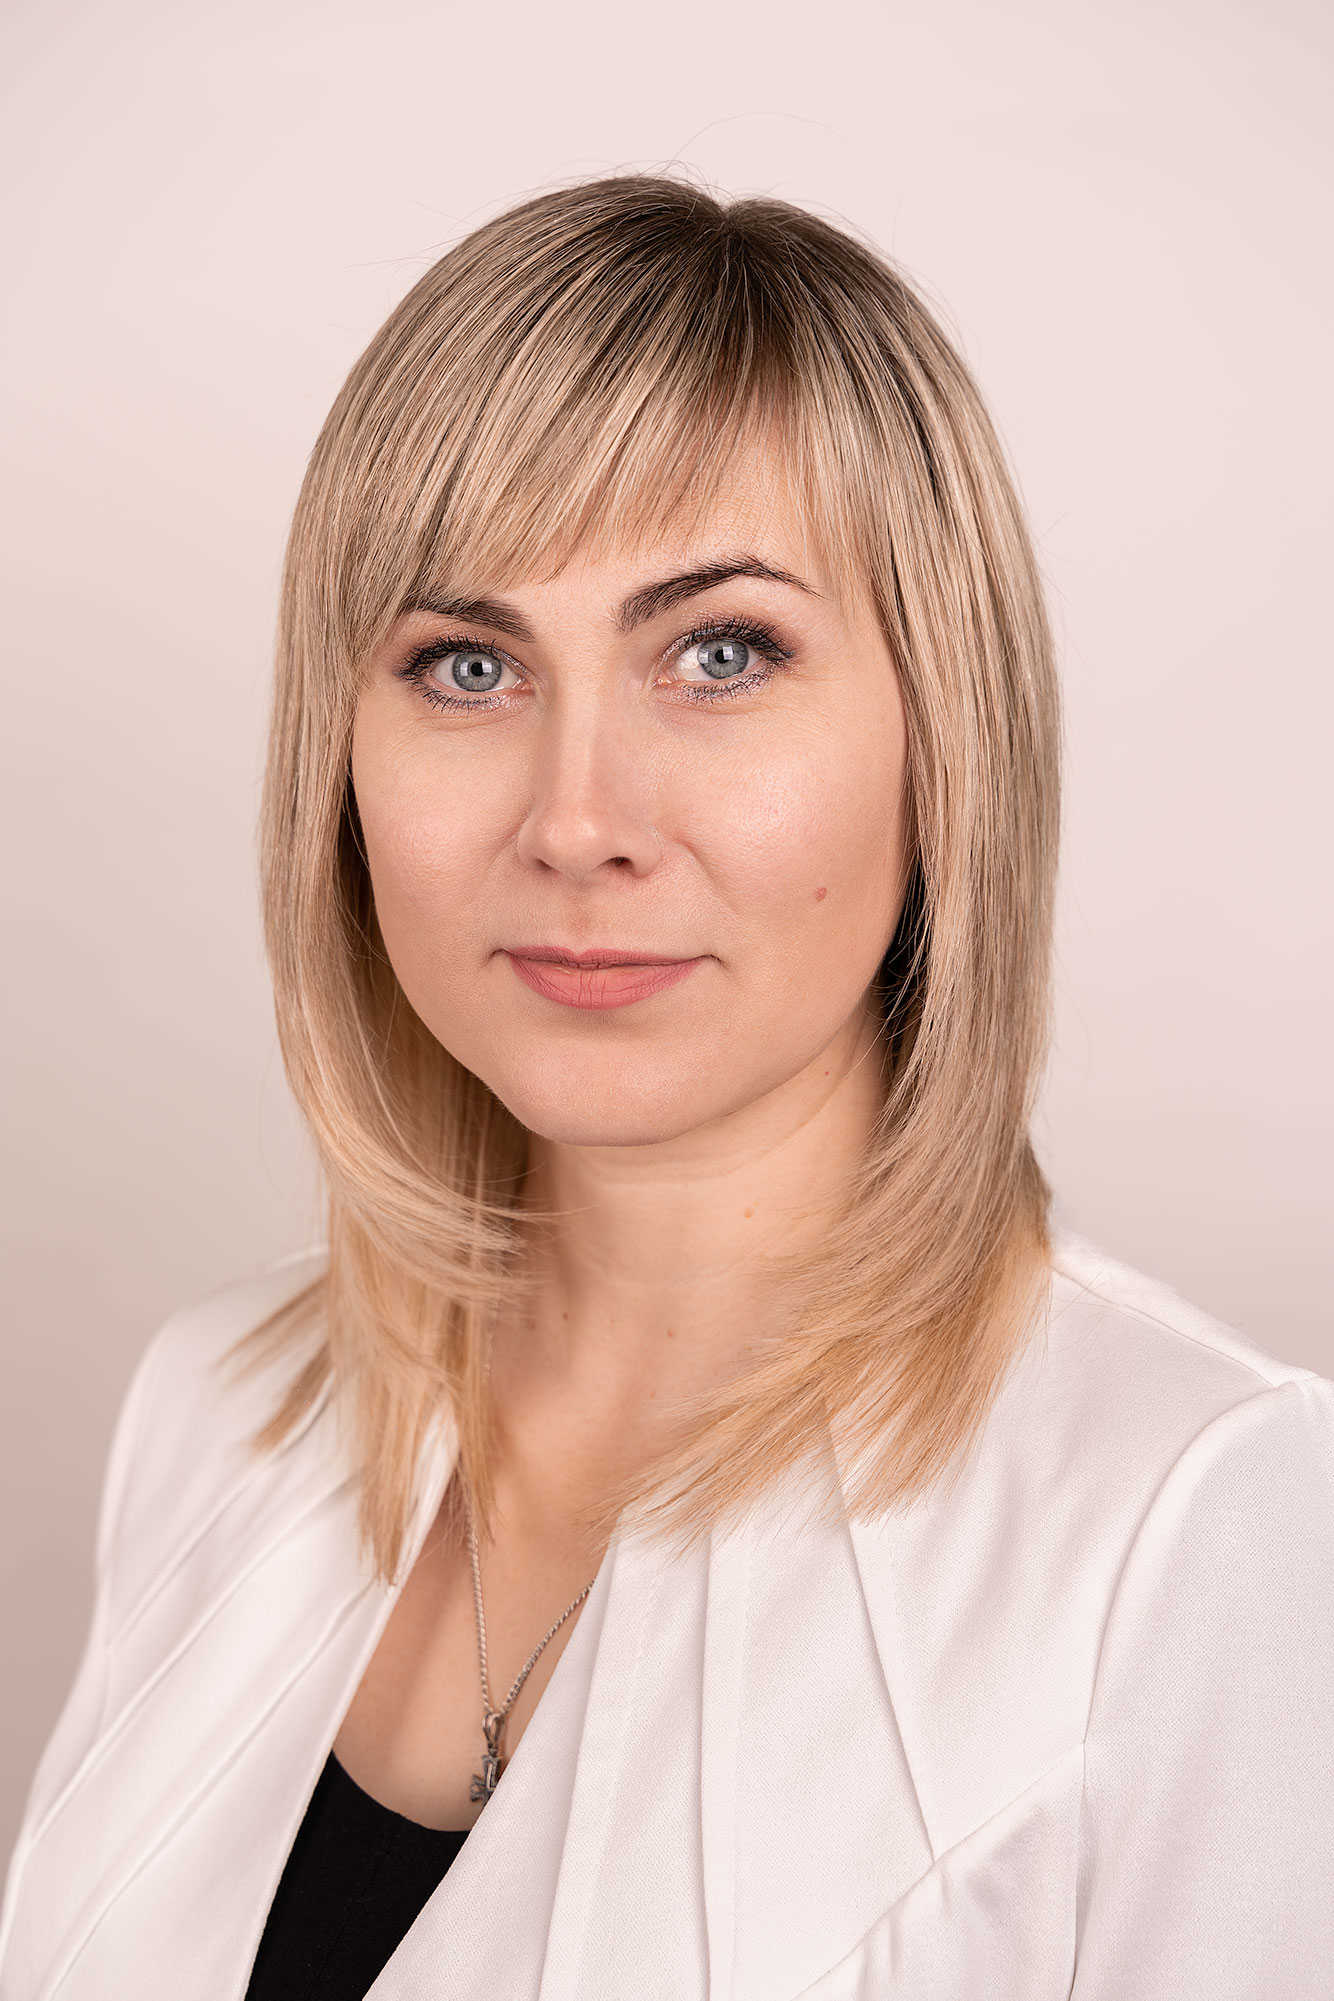 MaноловаАннаВалериевна-начальникотделакадров_optimized